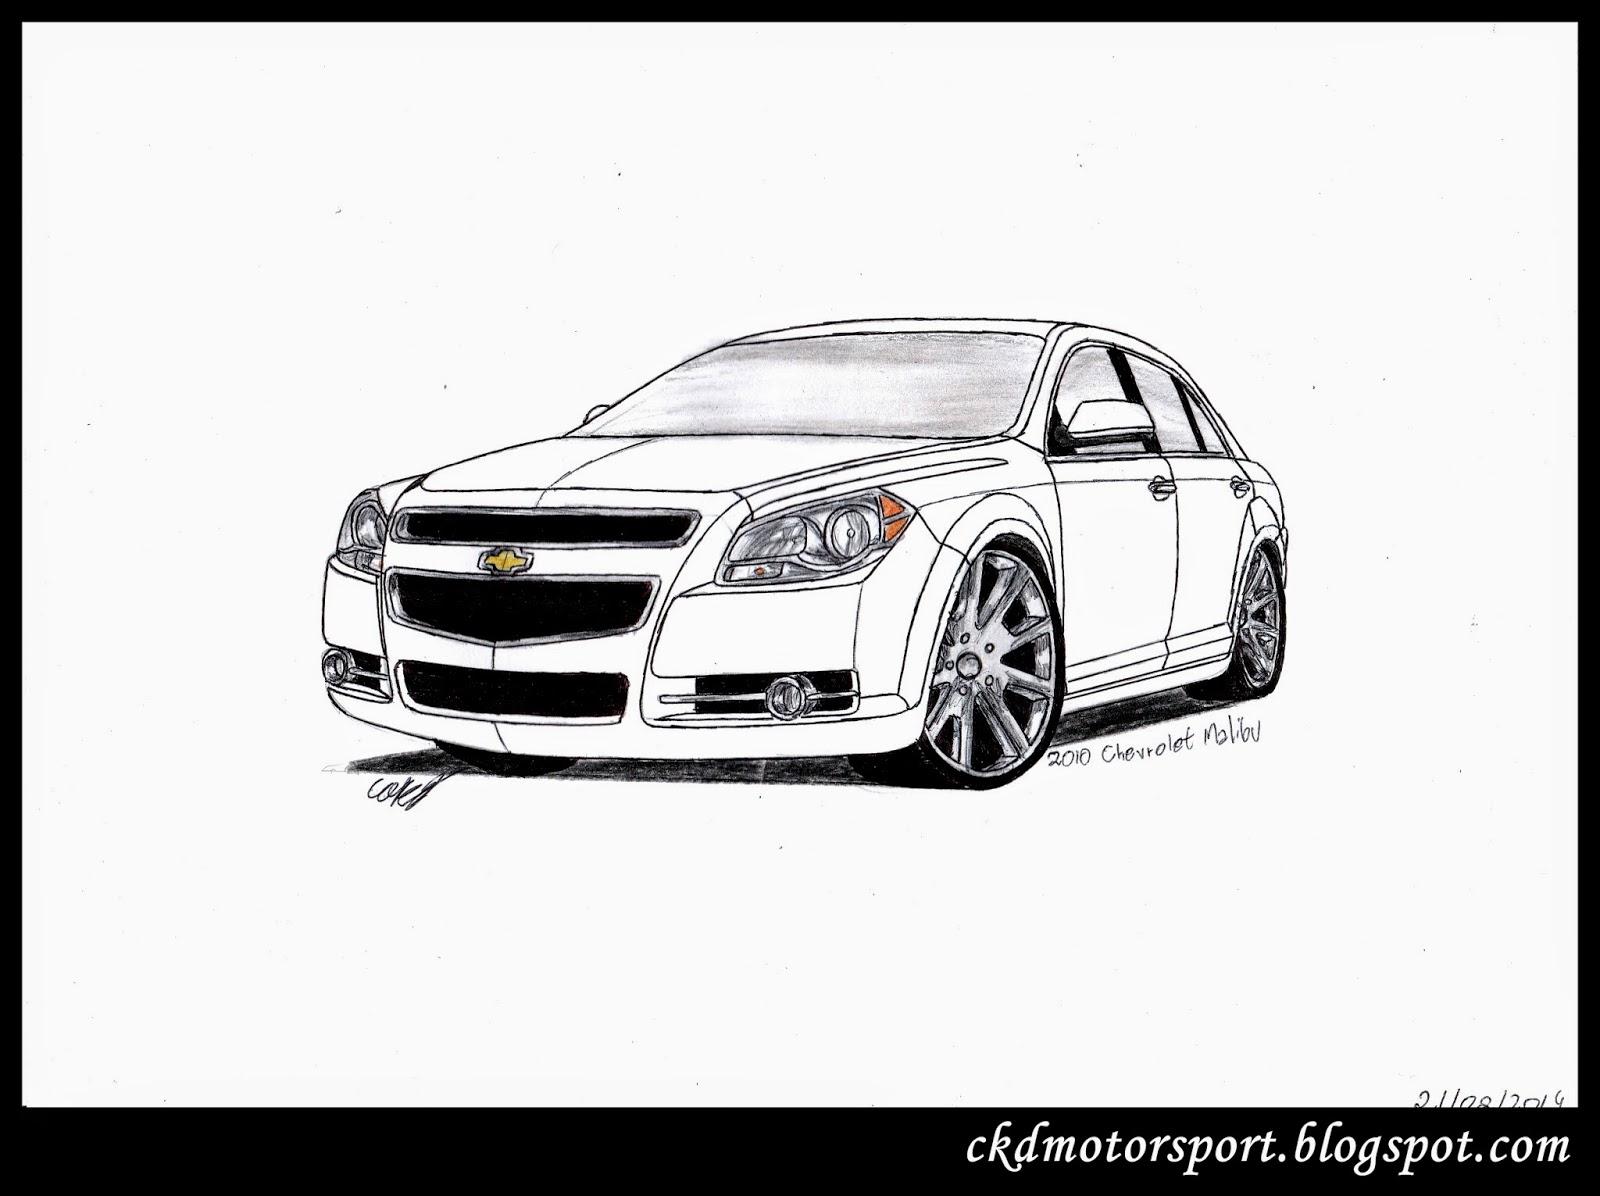 Ckd Motorsport Chevrolet Malibu